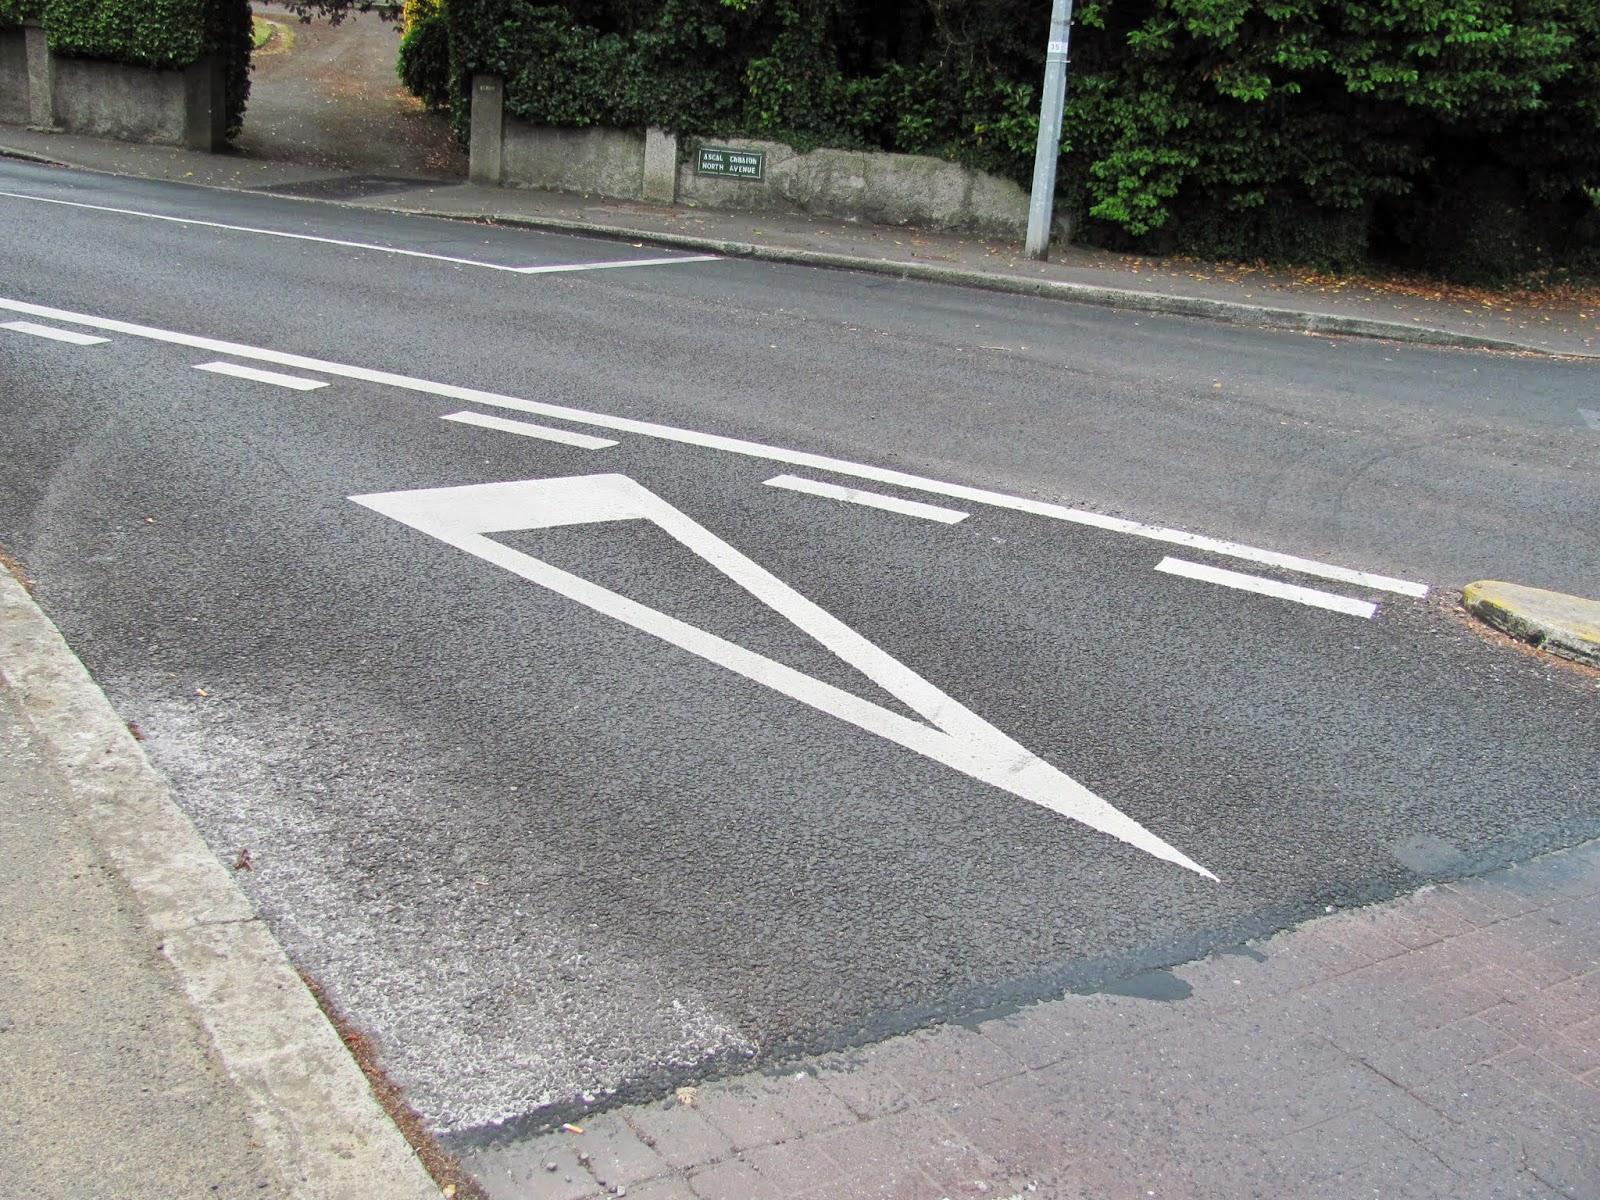 Traffic arrow in Dublin